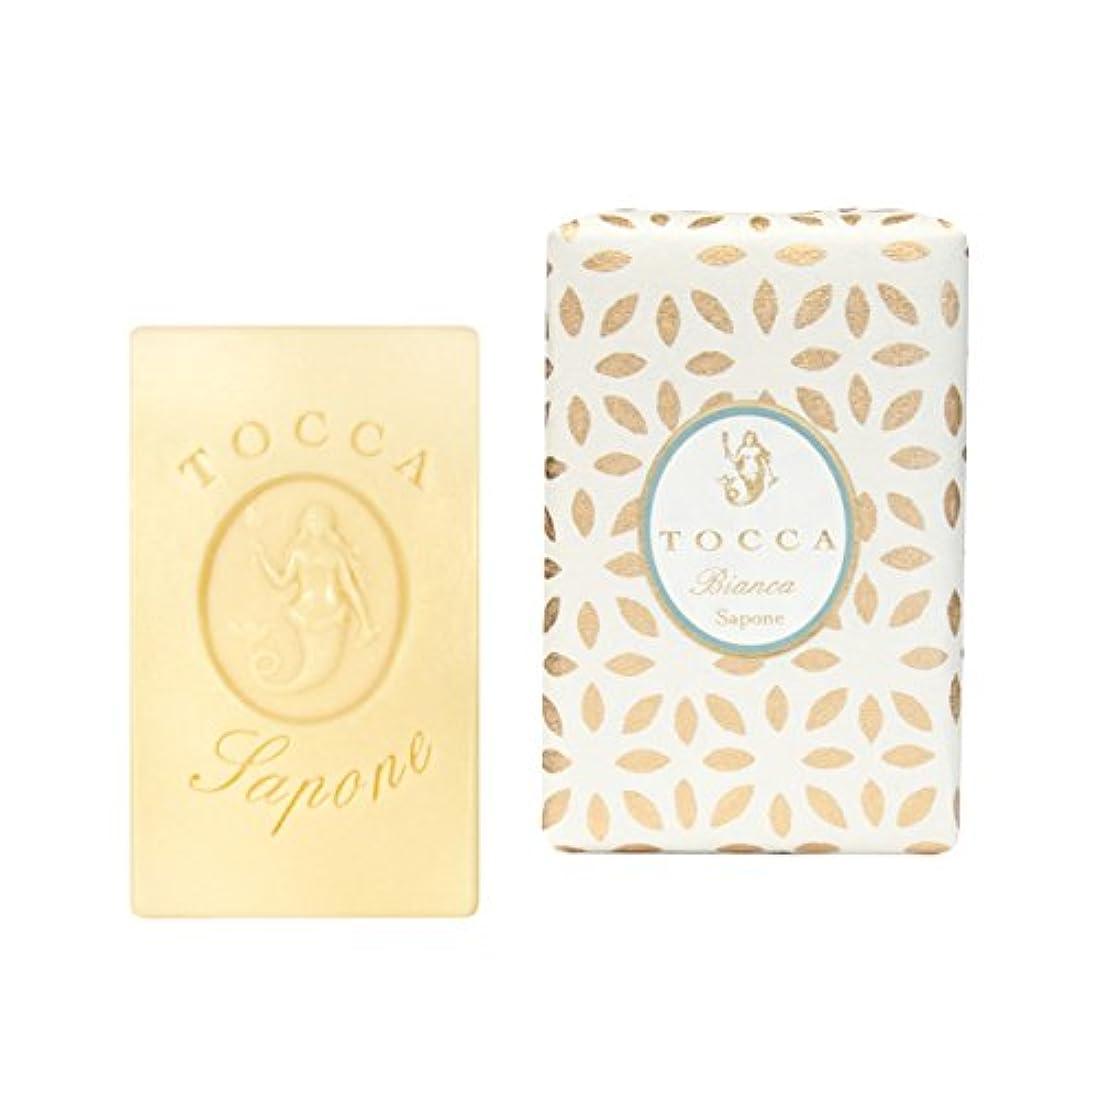 構想する無許可困惑トッカ(TOCCA) ソープバー ビアンカの香り 113g(化粧石けん シトラスとグリーンティー、ローズが絶妙に溶け合ったほのかに甘さ漂うフレッシュな香り)